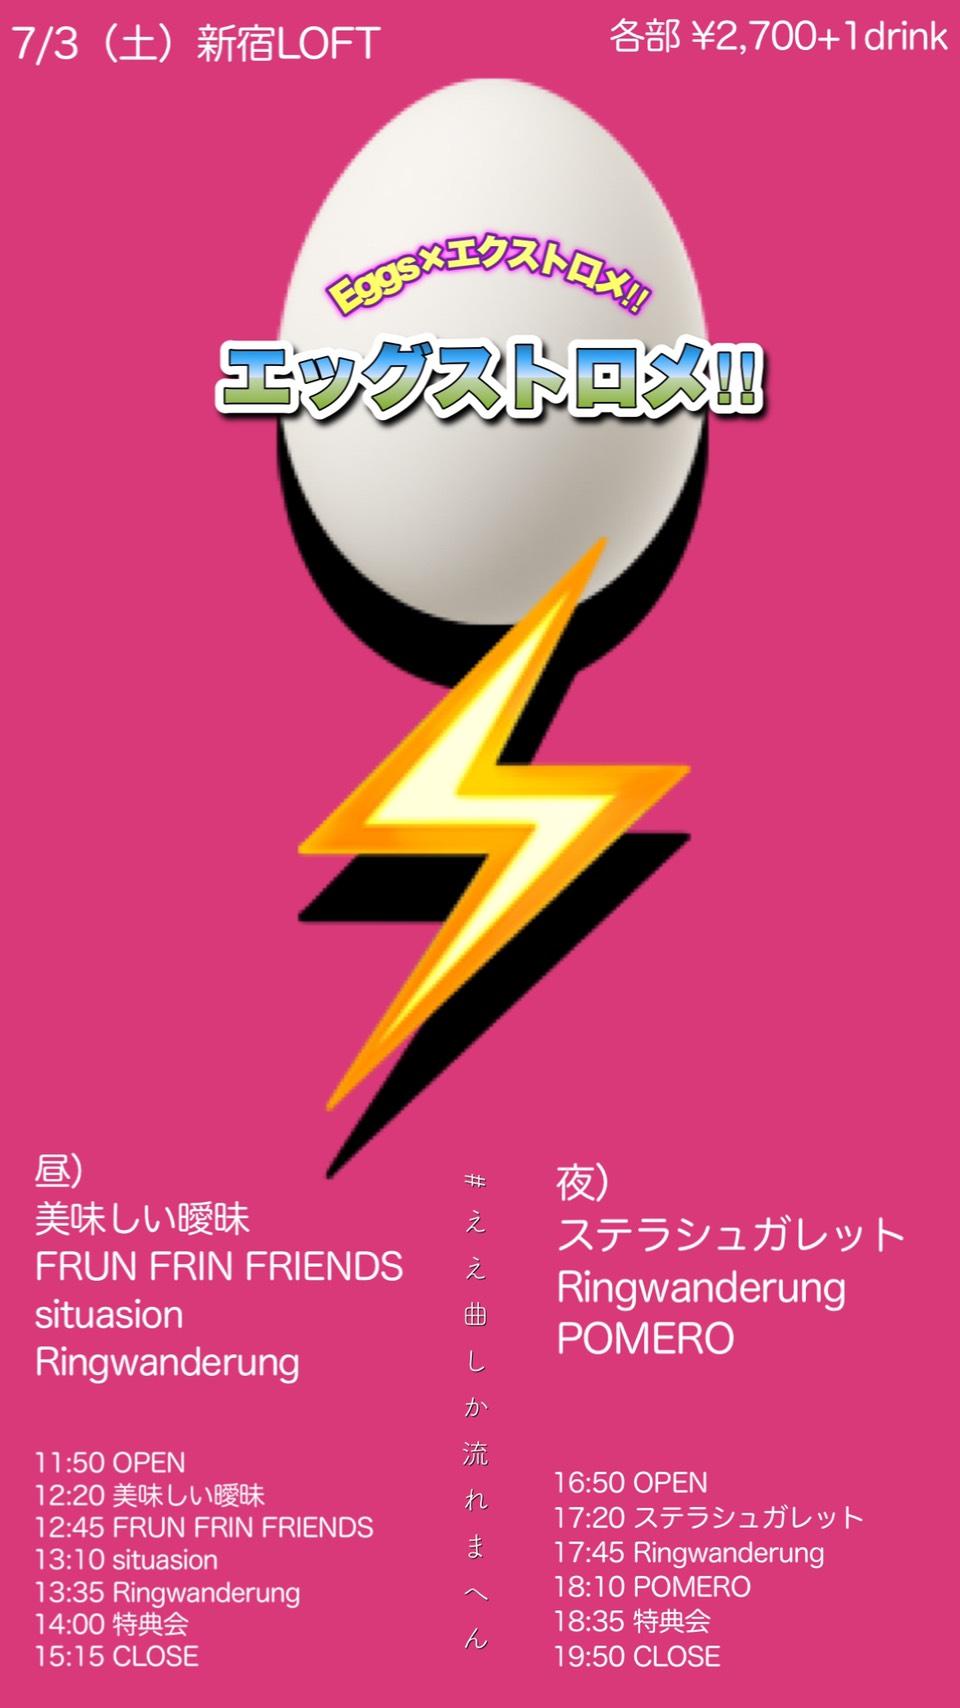 Eggs×エクストロメ!!『エッグストロメ!!』